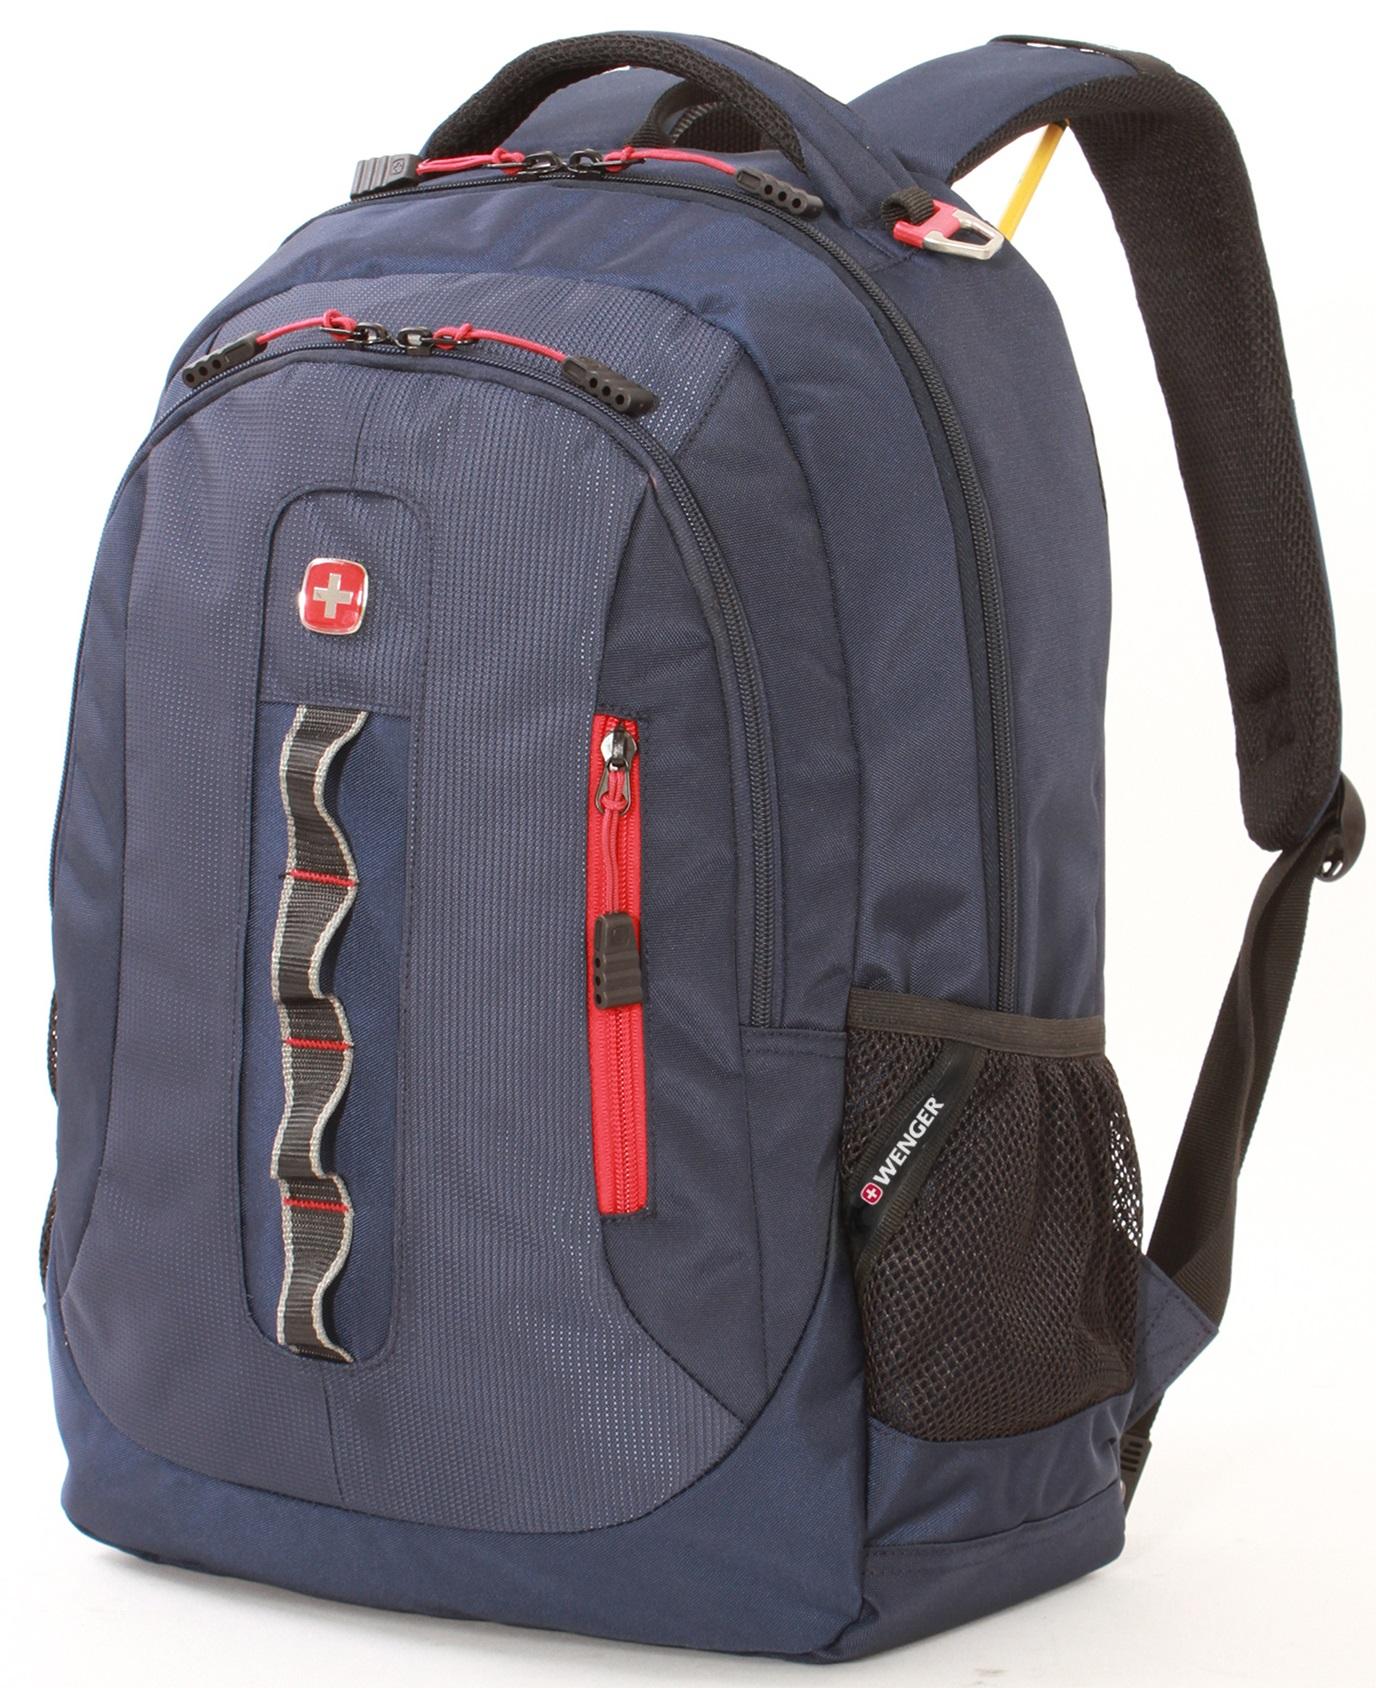 Wenger 6793301408 - рюкзак (Blue) рюкзак wenger 3191203408 blue black turquoise